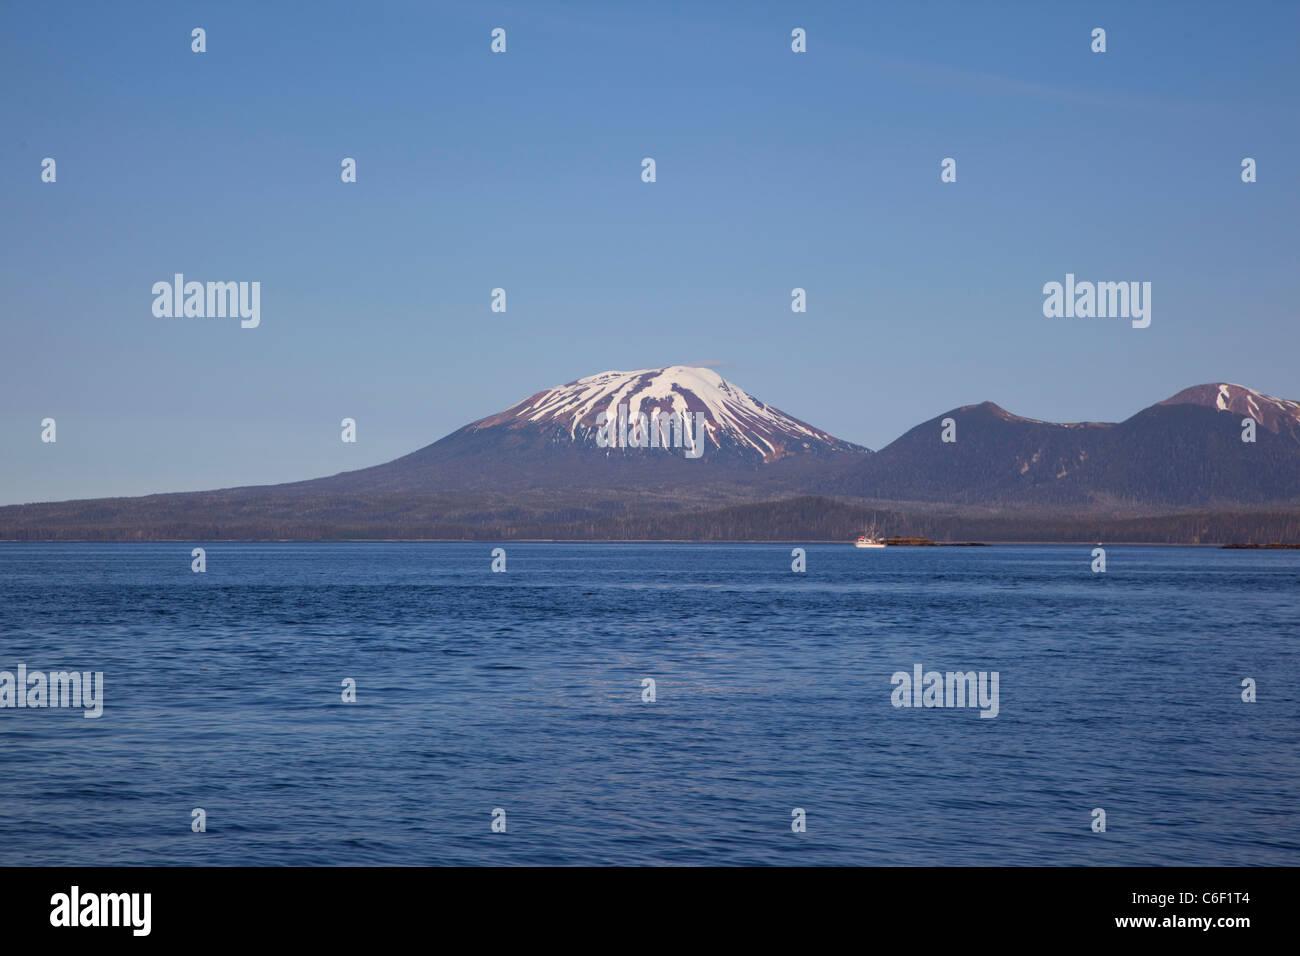 Mt. Edgecumbe, Sitka, Alaska - Stock Image